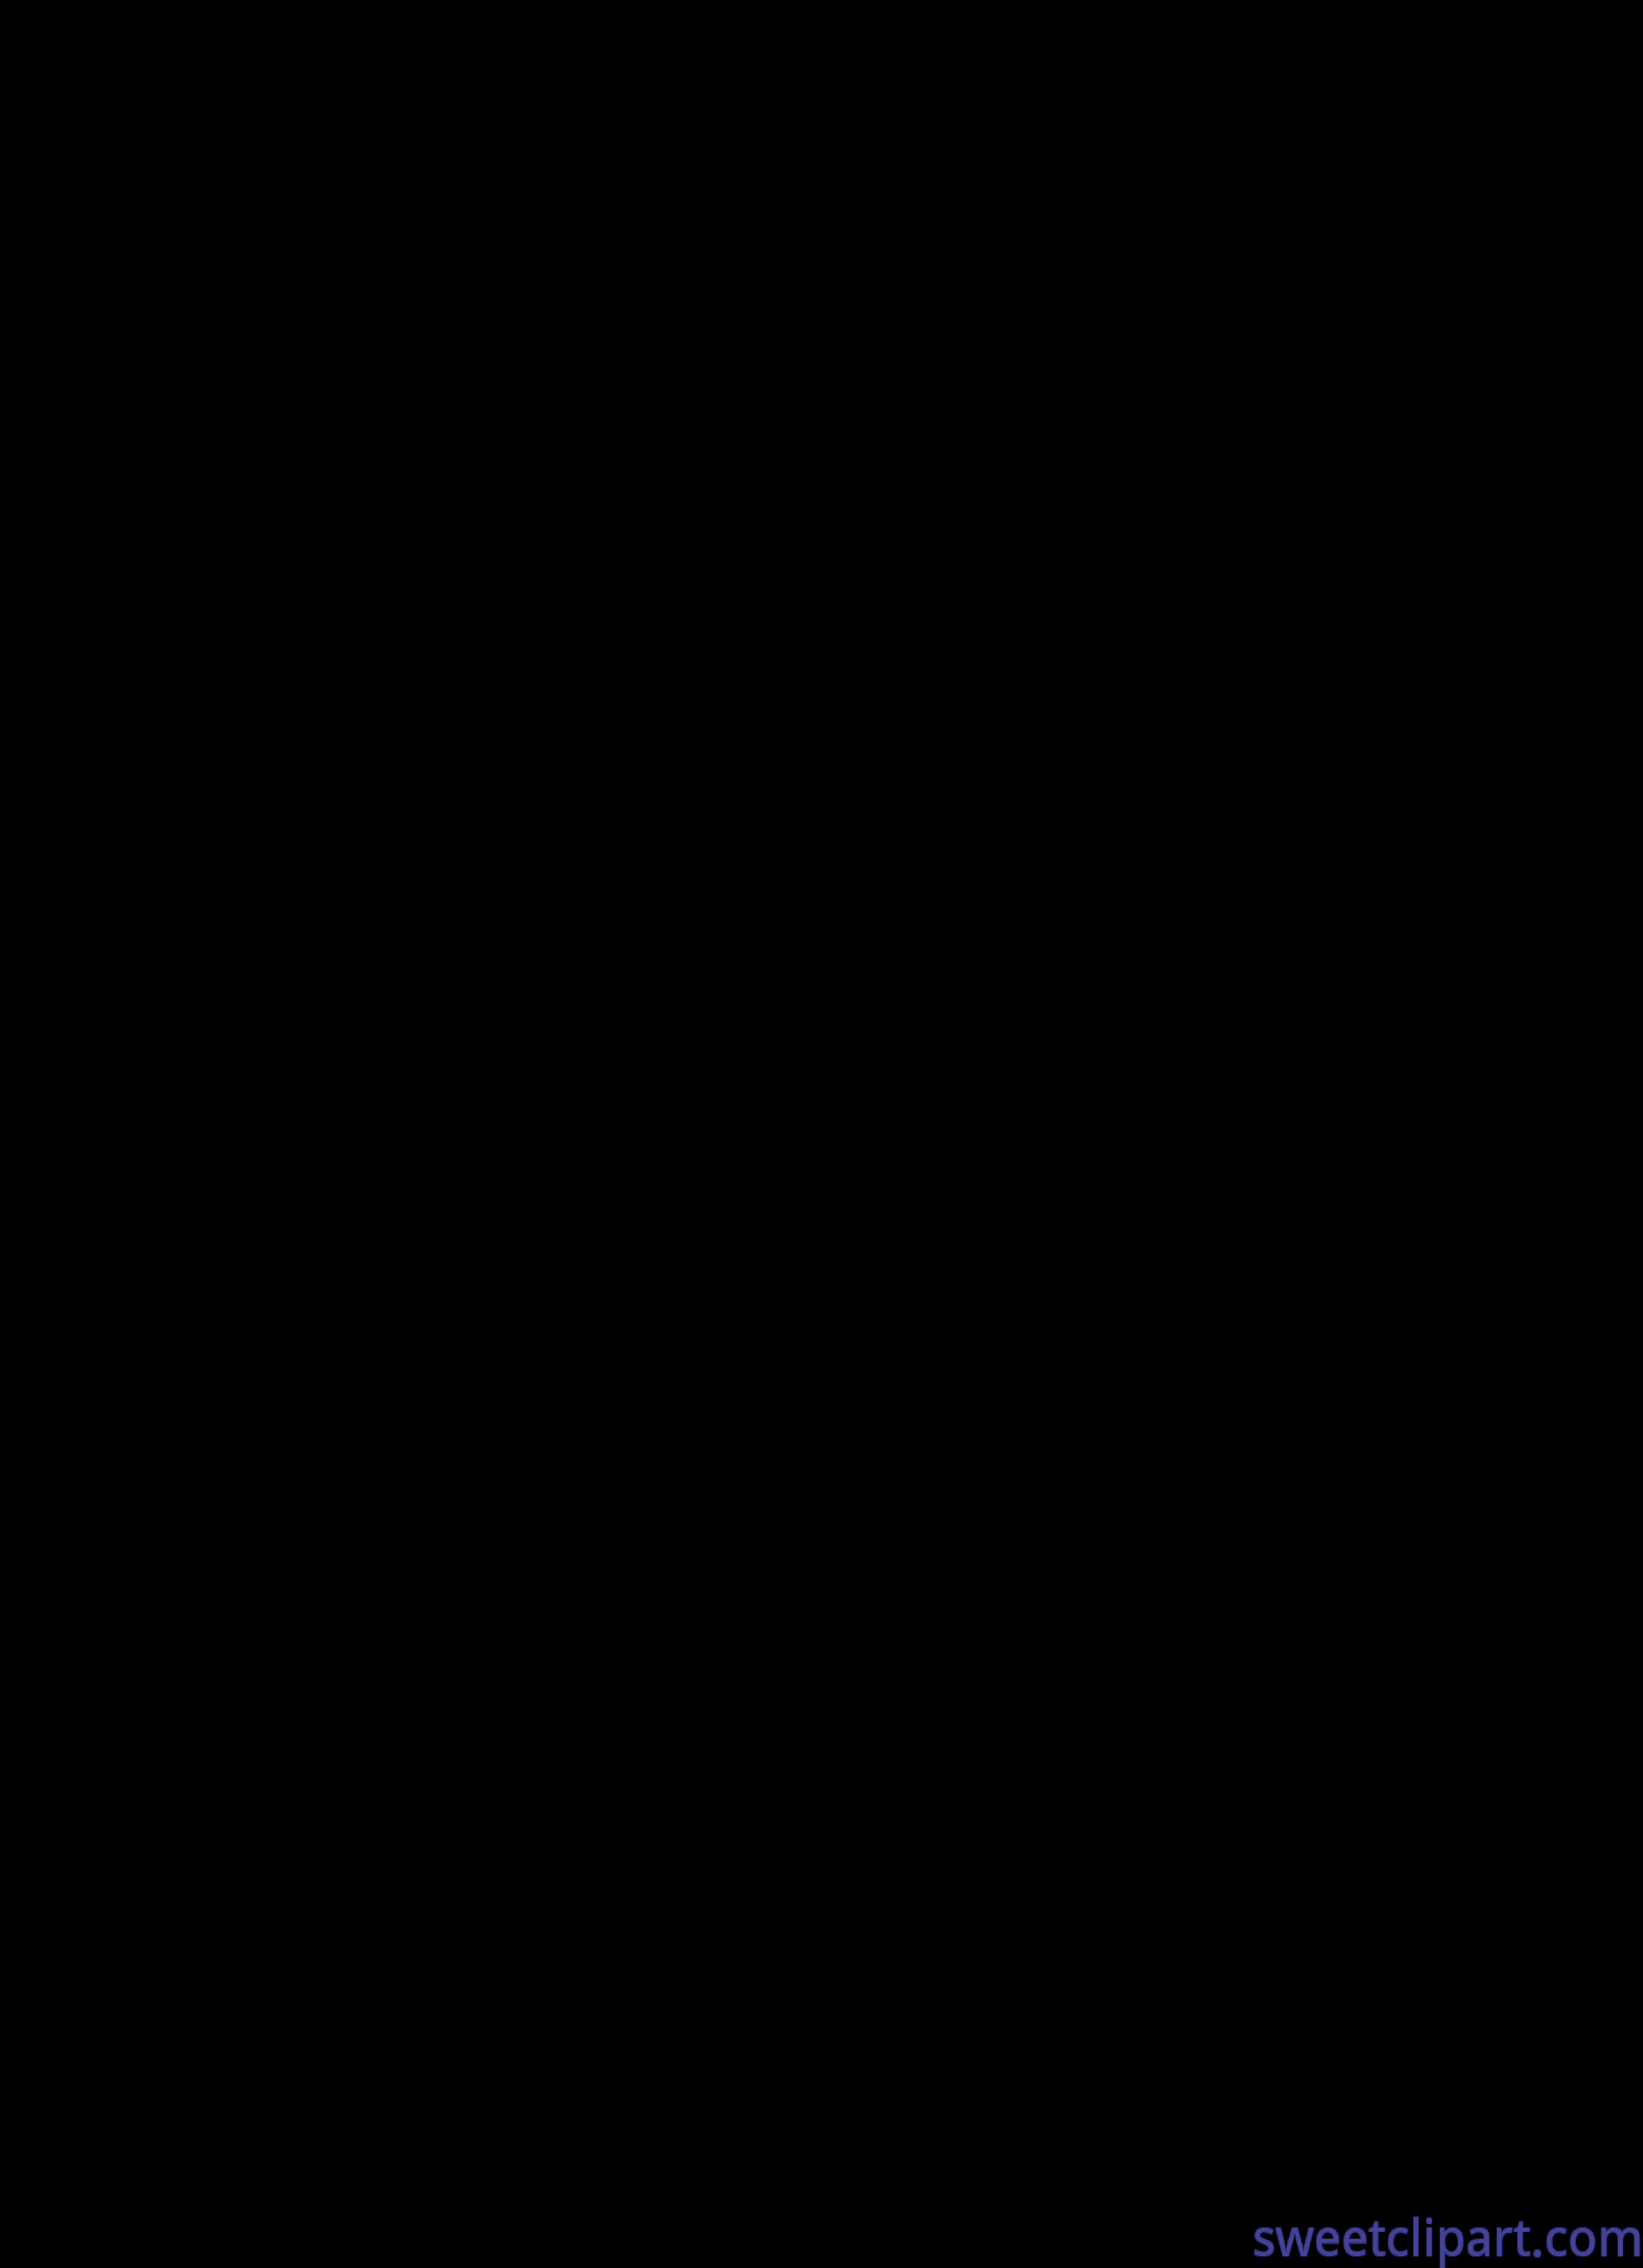 4826x6660 Anchor Silhouette Clip Art